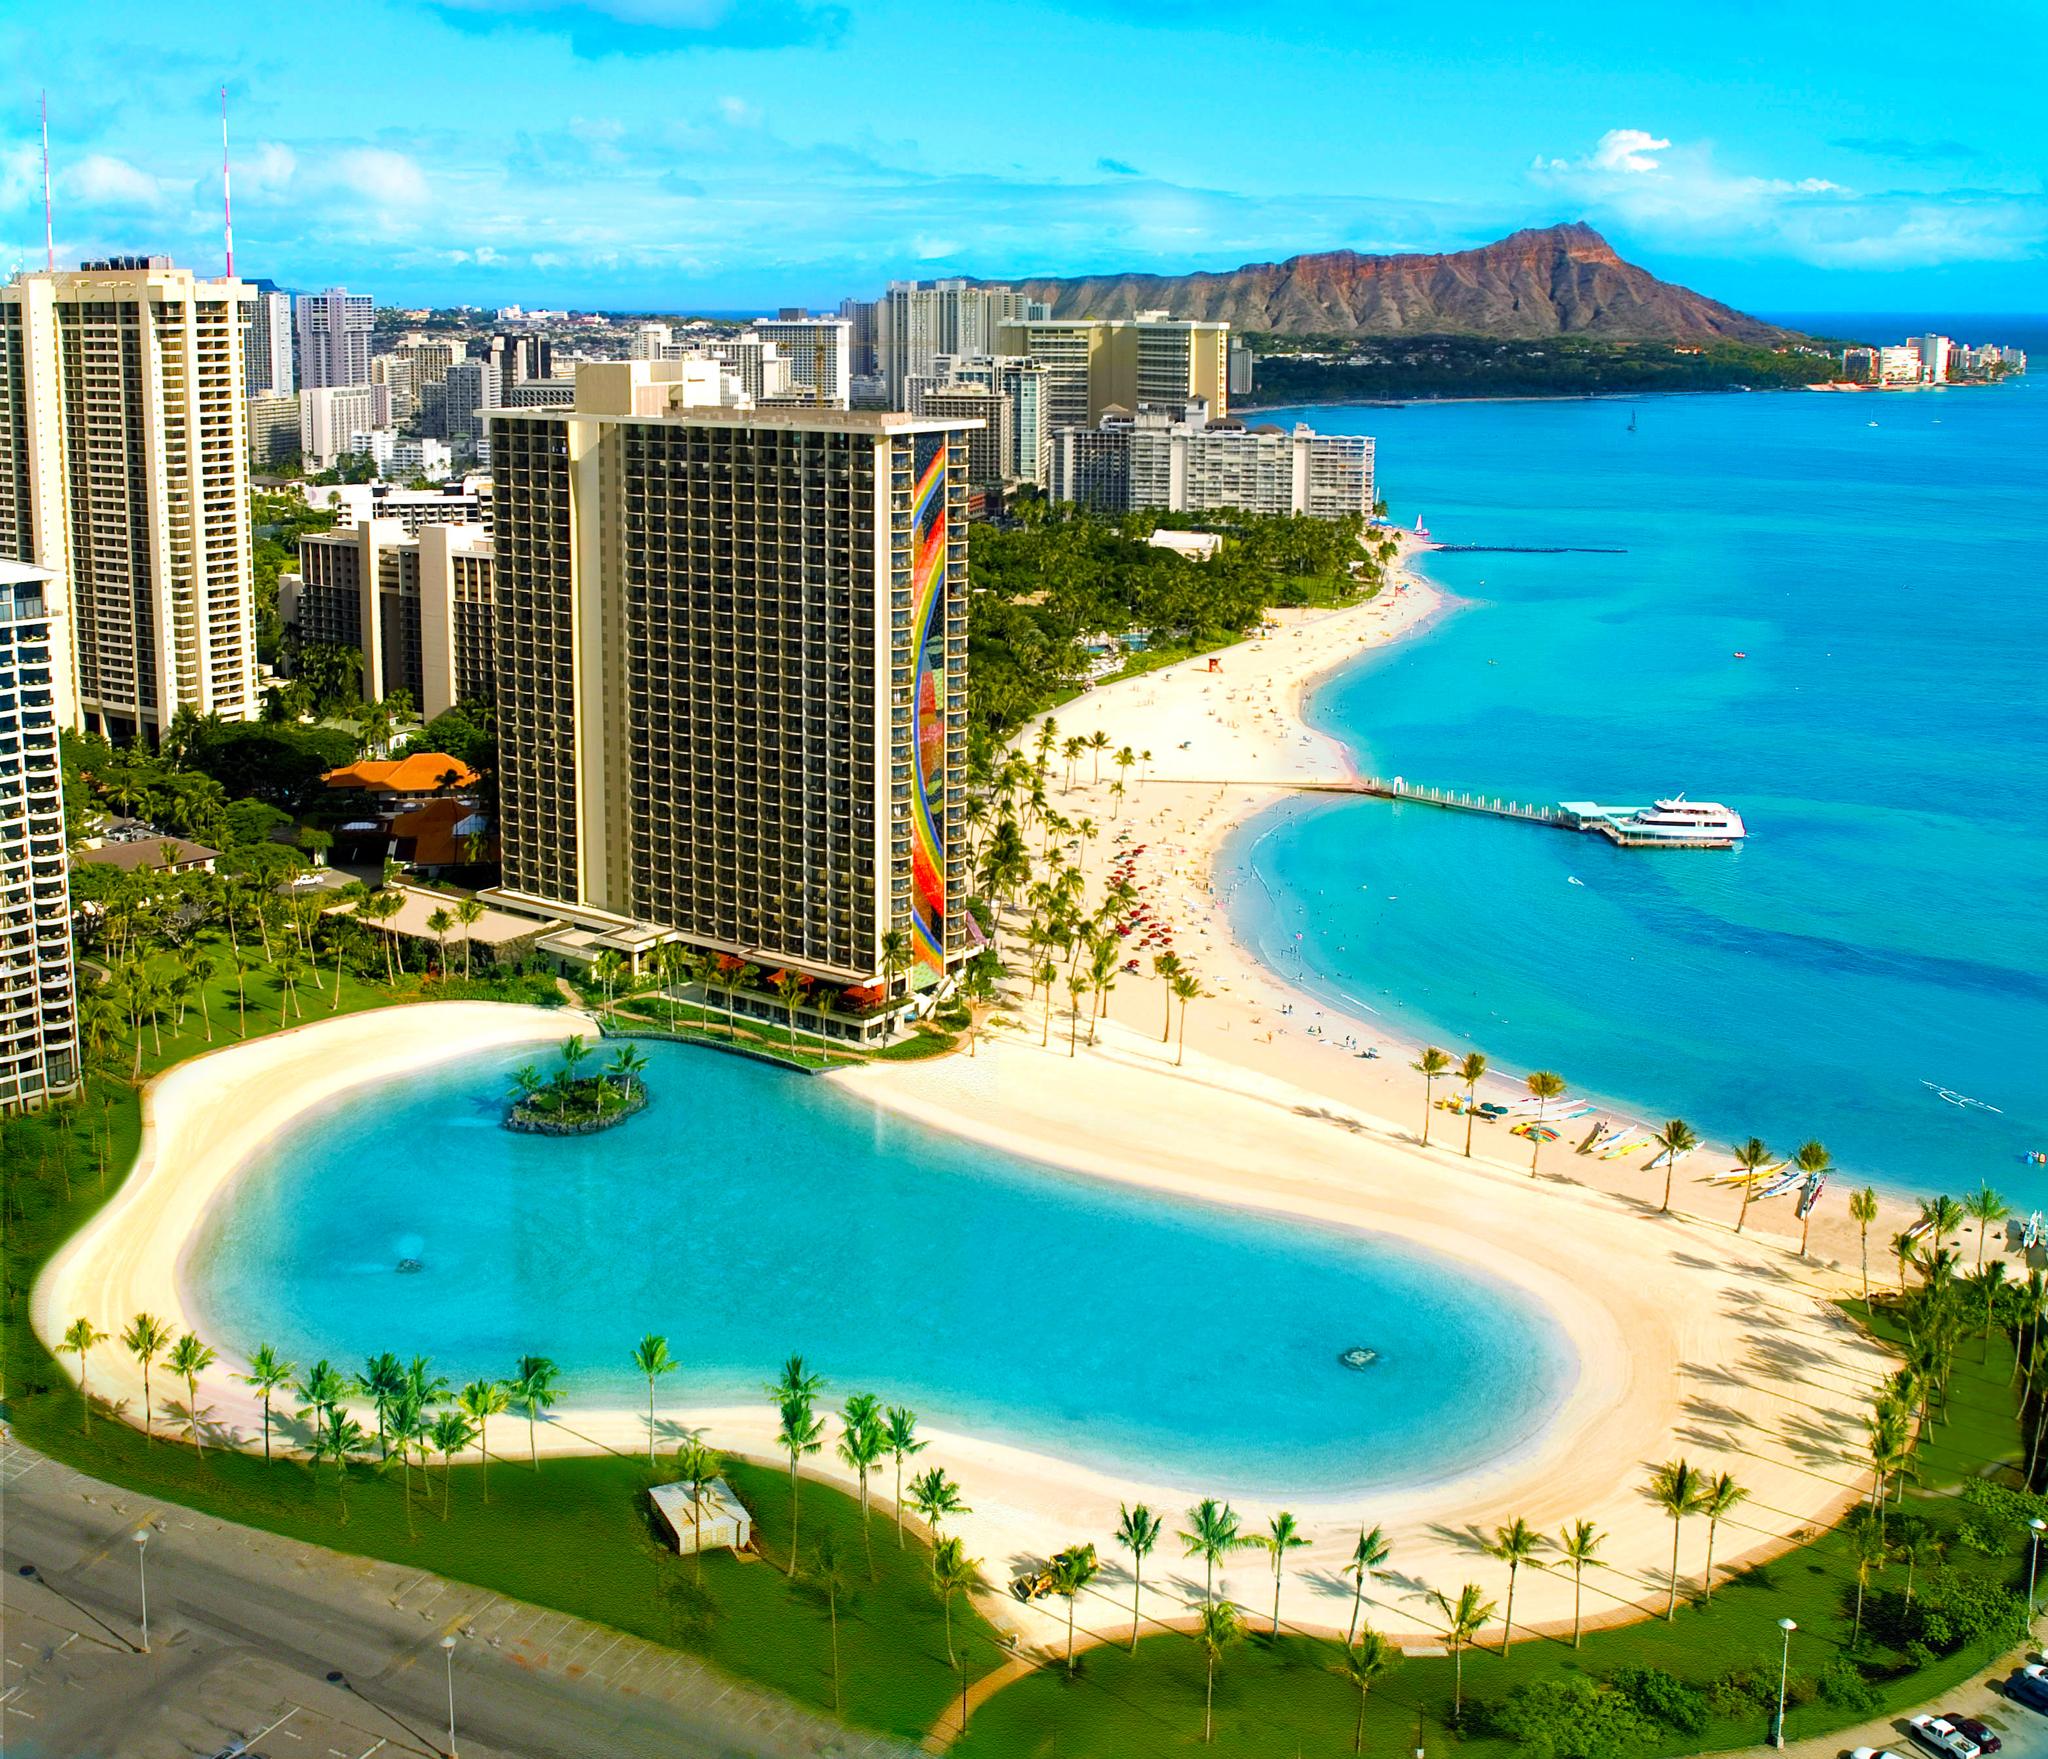 ISLH 2017 Honolulu 2048x1759